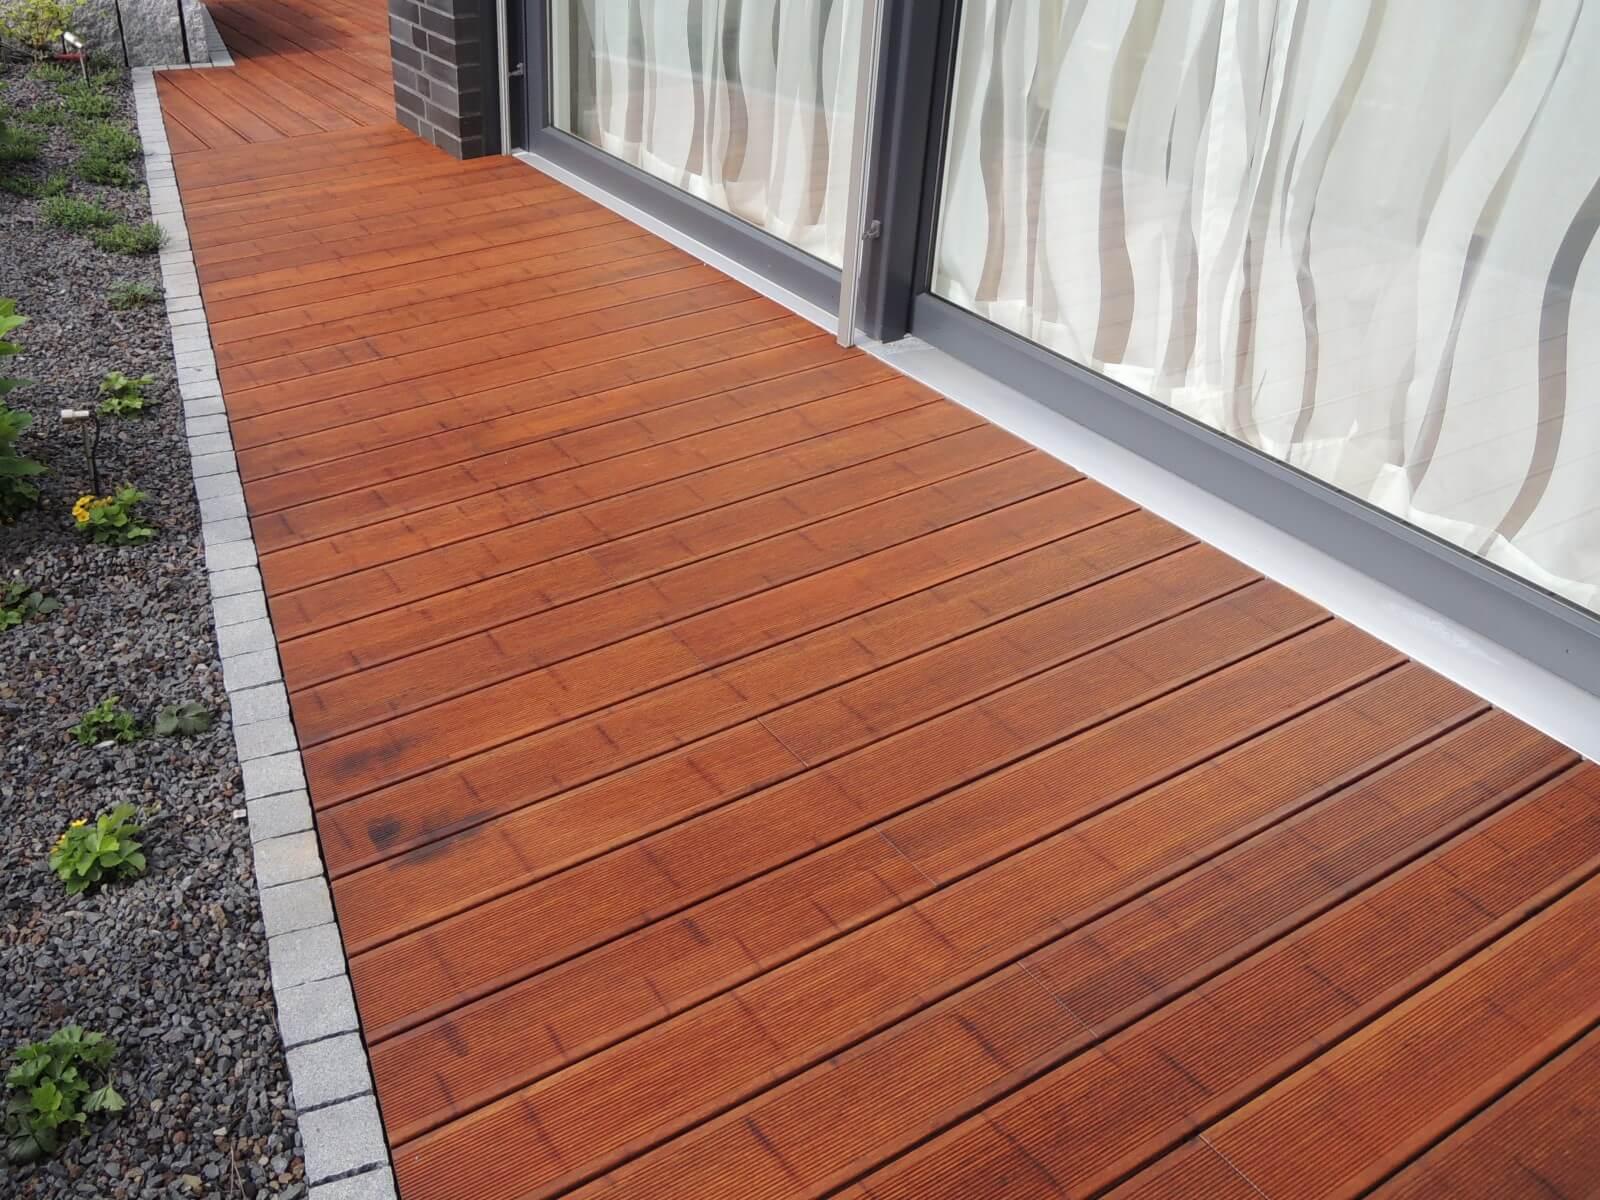 Terrasse aus Bambus | Galabau Mähler | Terrassendielen Baumbus